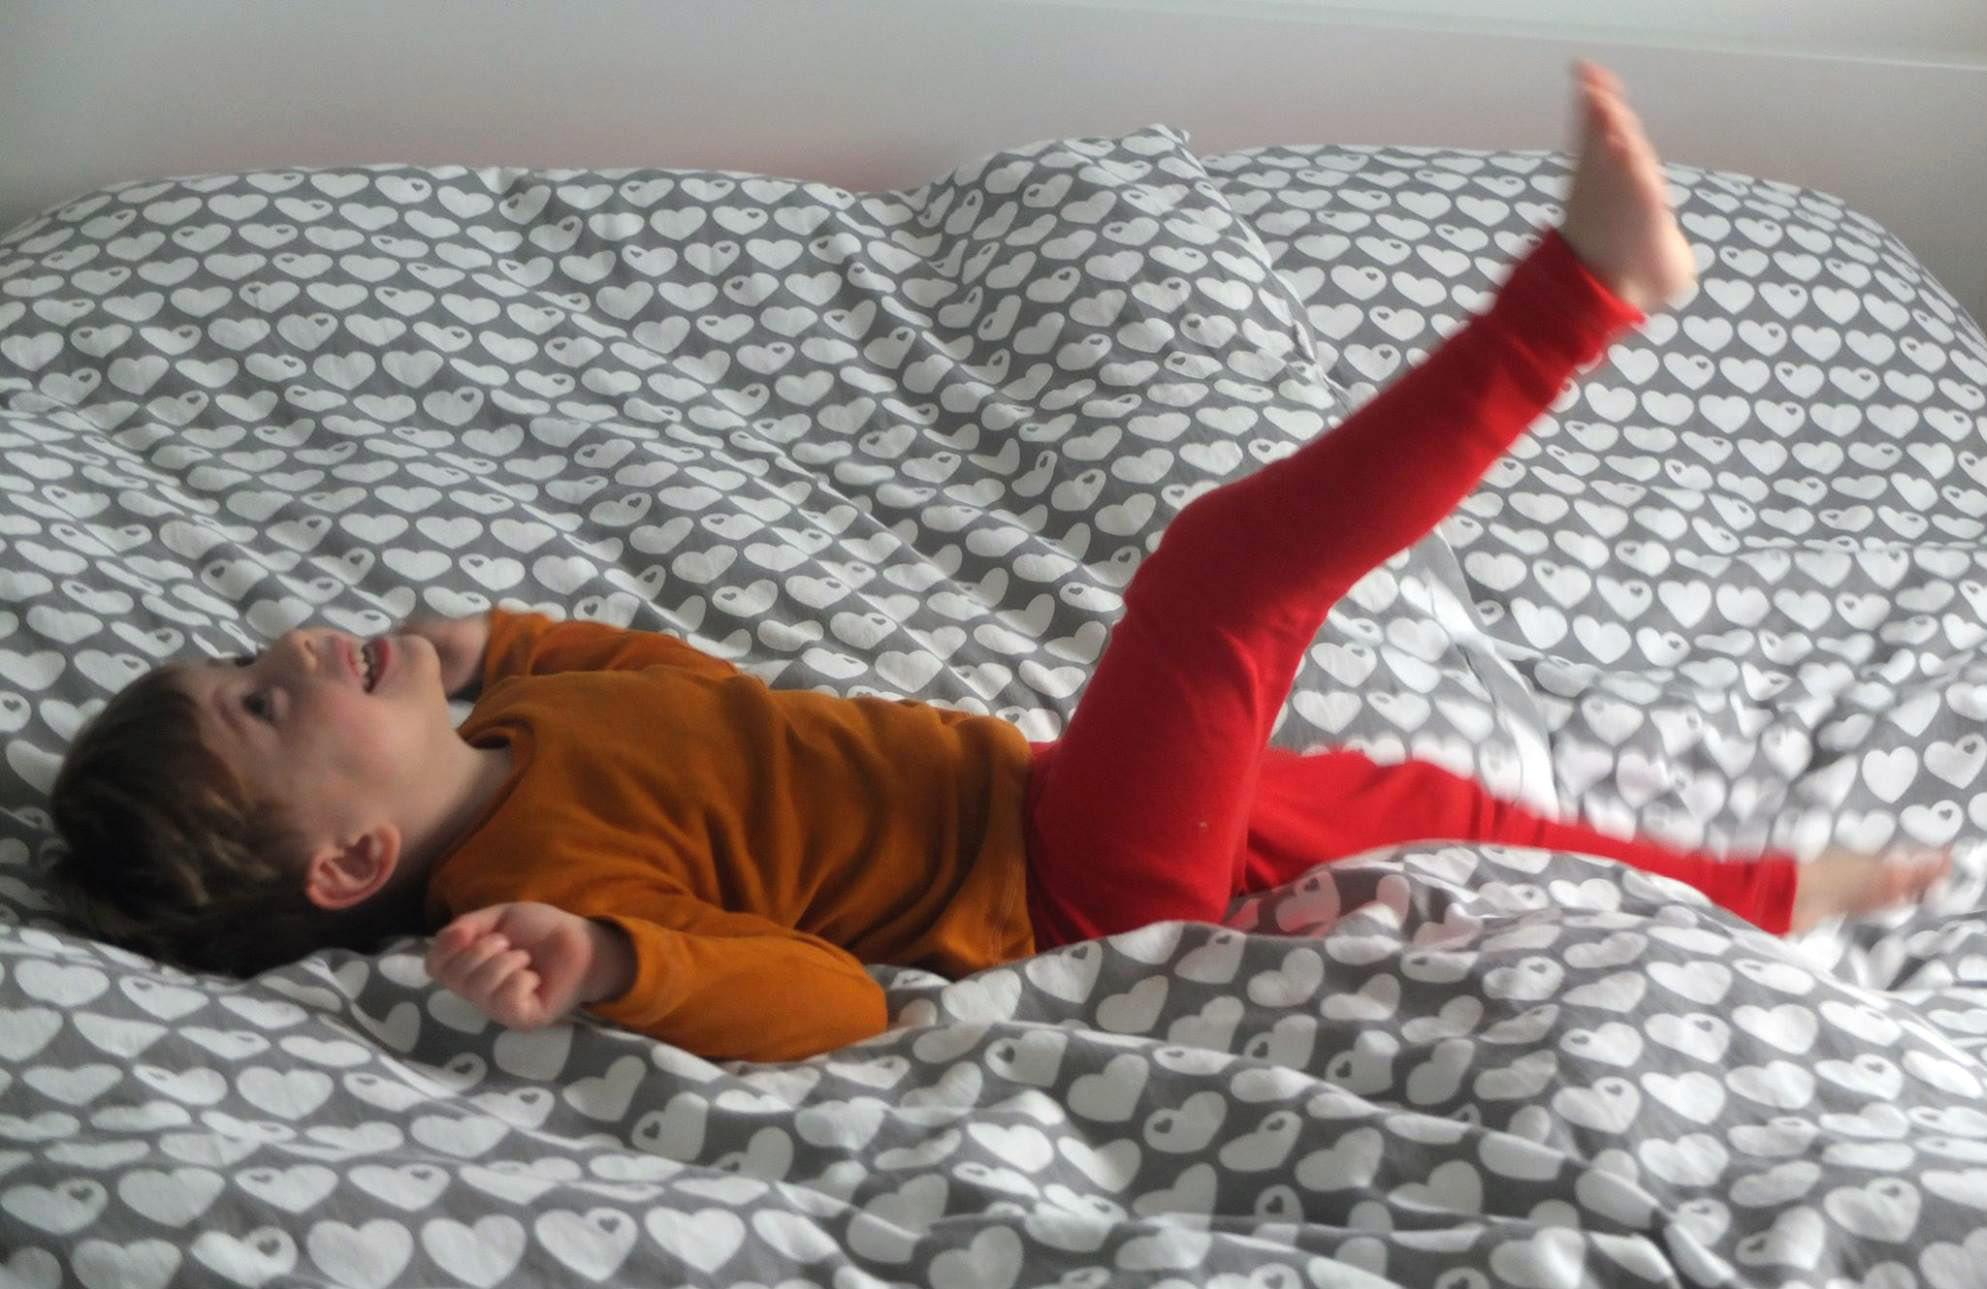 Aus Strick genähte warme Kinder-Unterwäsche